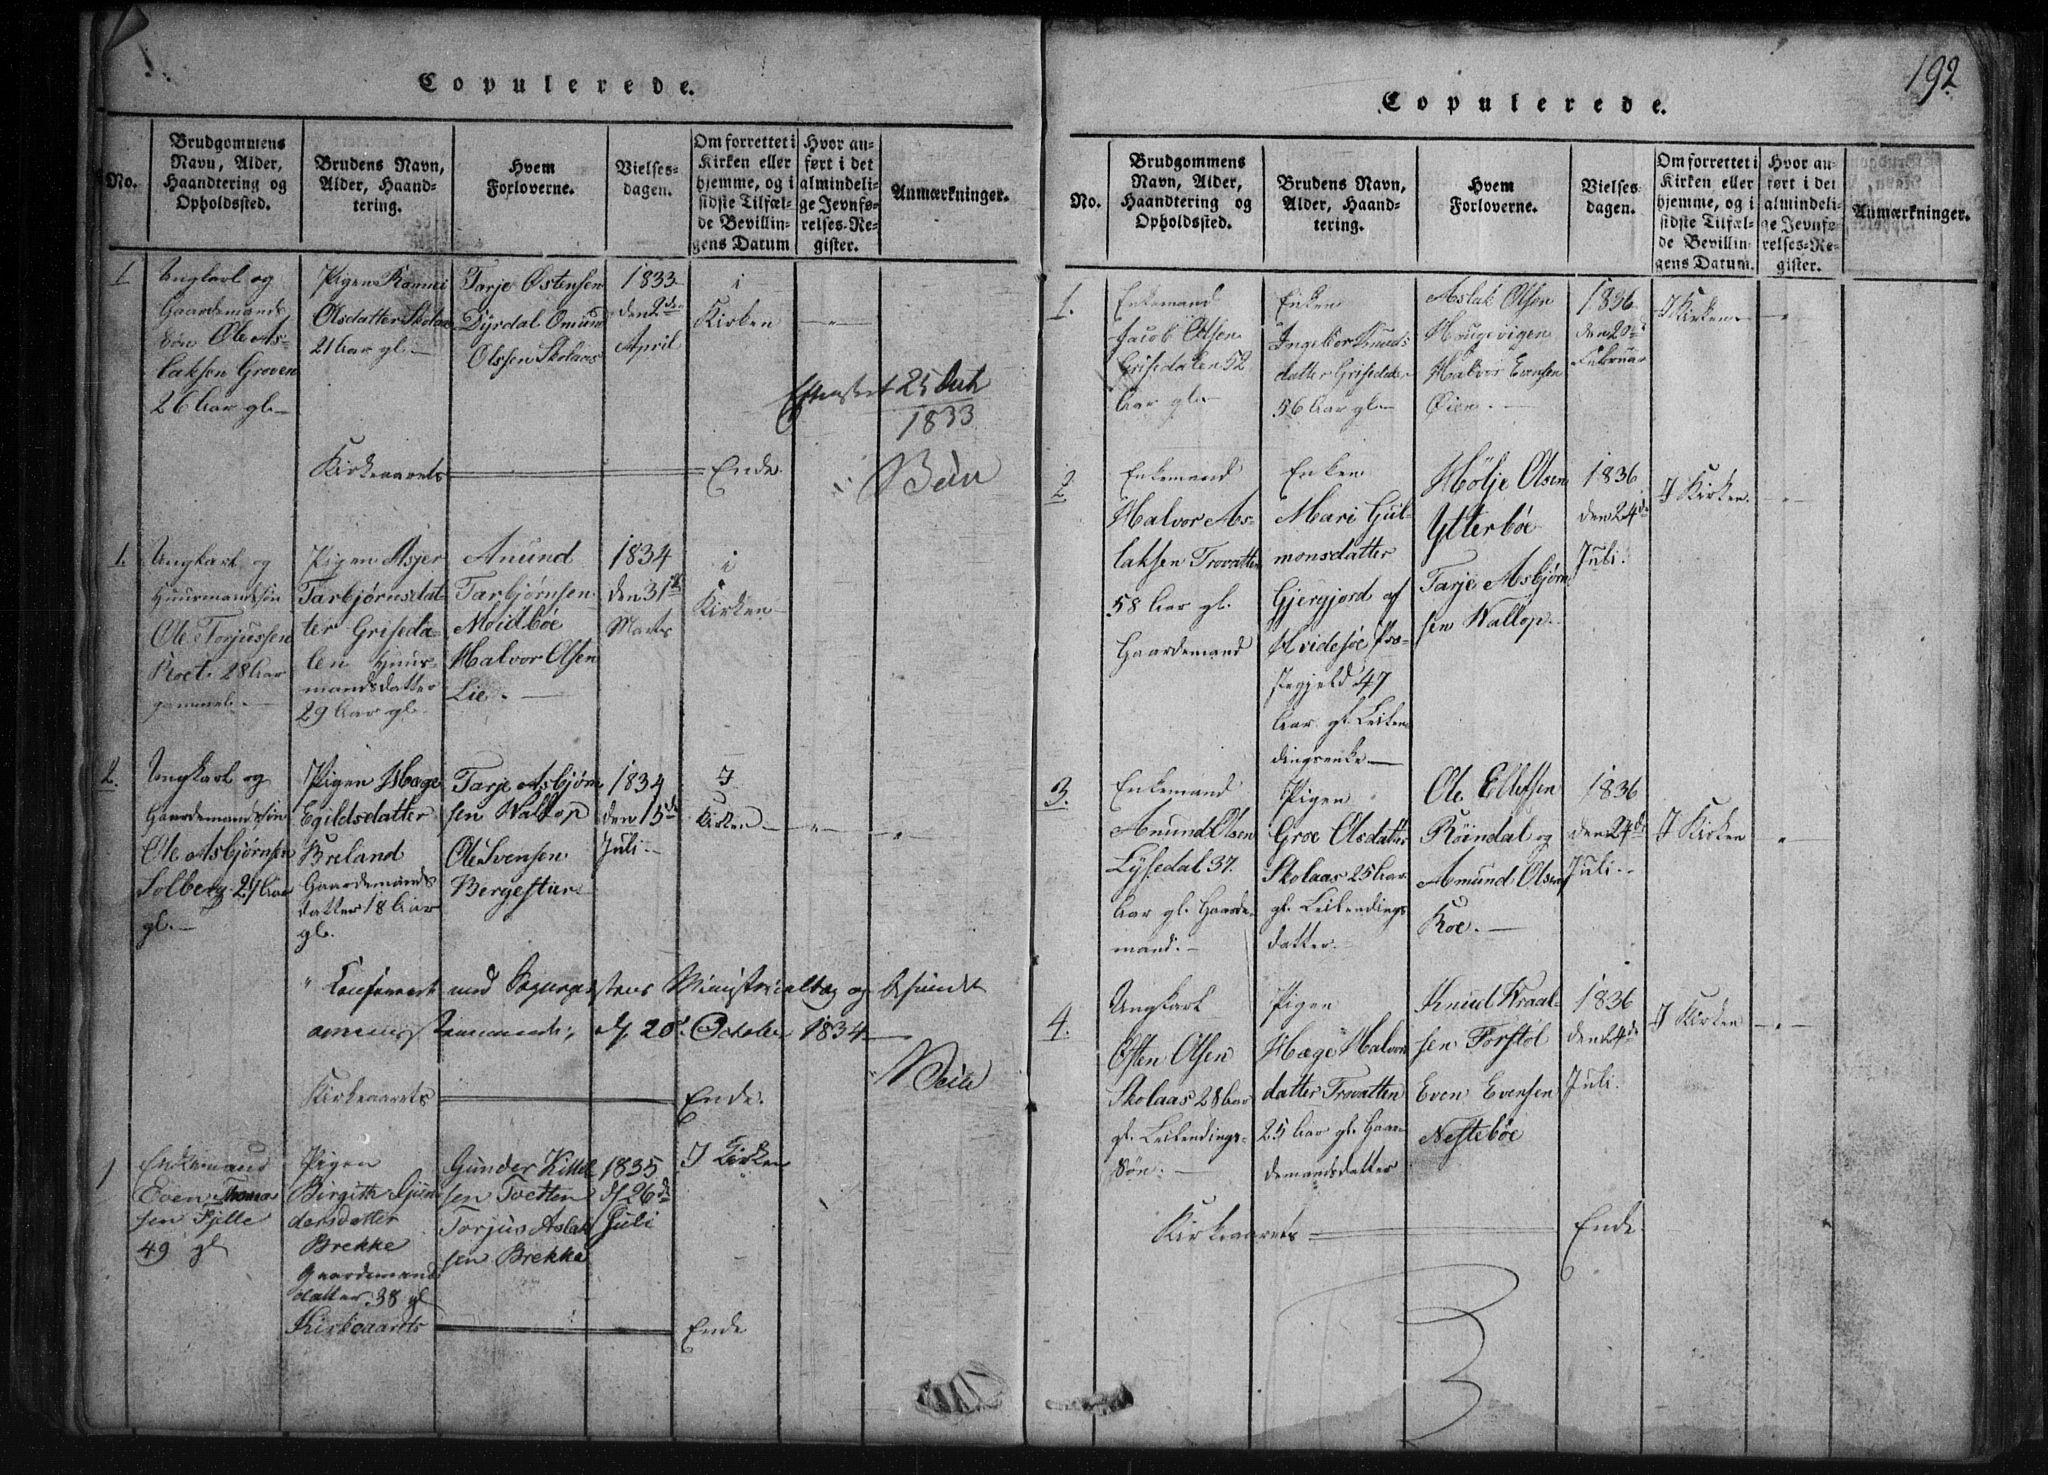 SAKO, Rauland kirkebøker, G/Gb/L0001: Klokkerbok nr. II 1, 1815-1886, s. 192